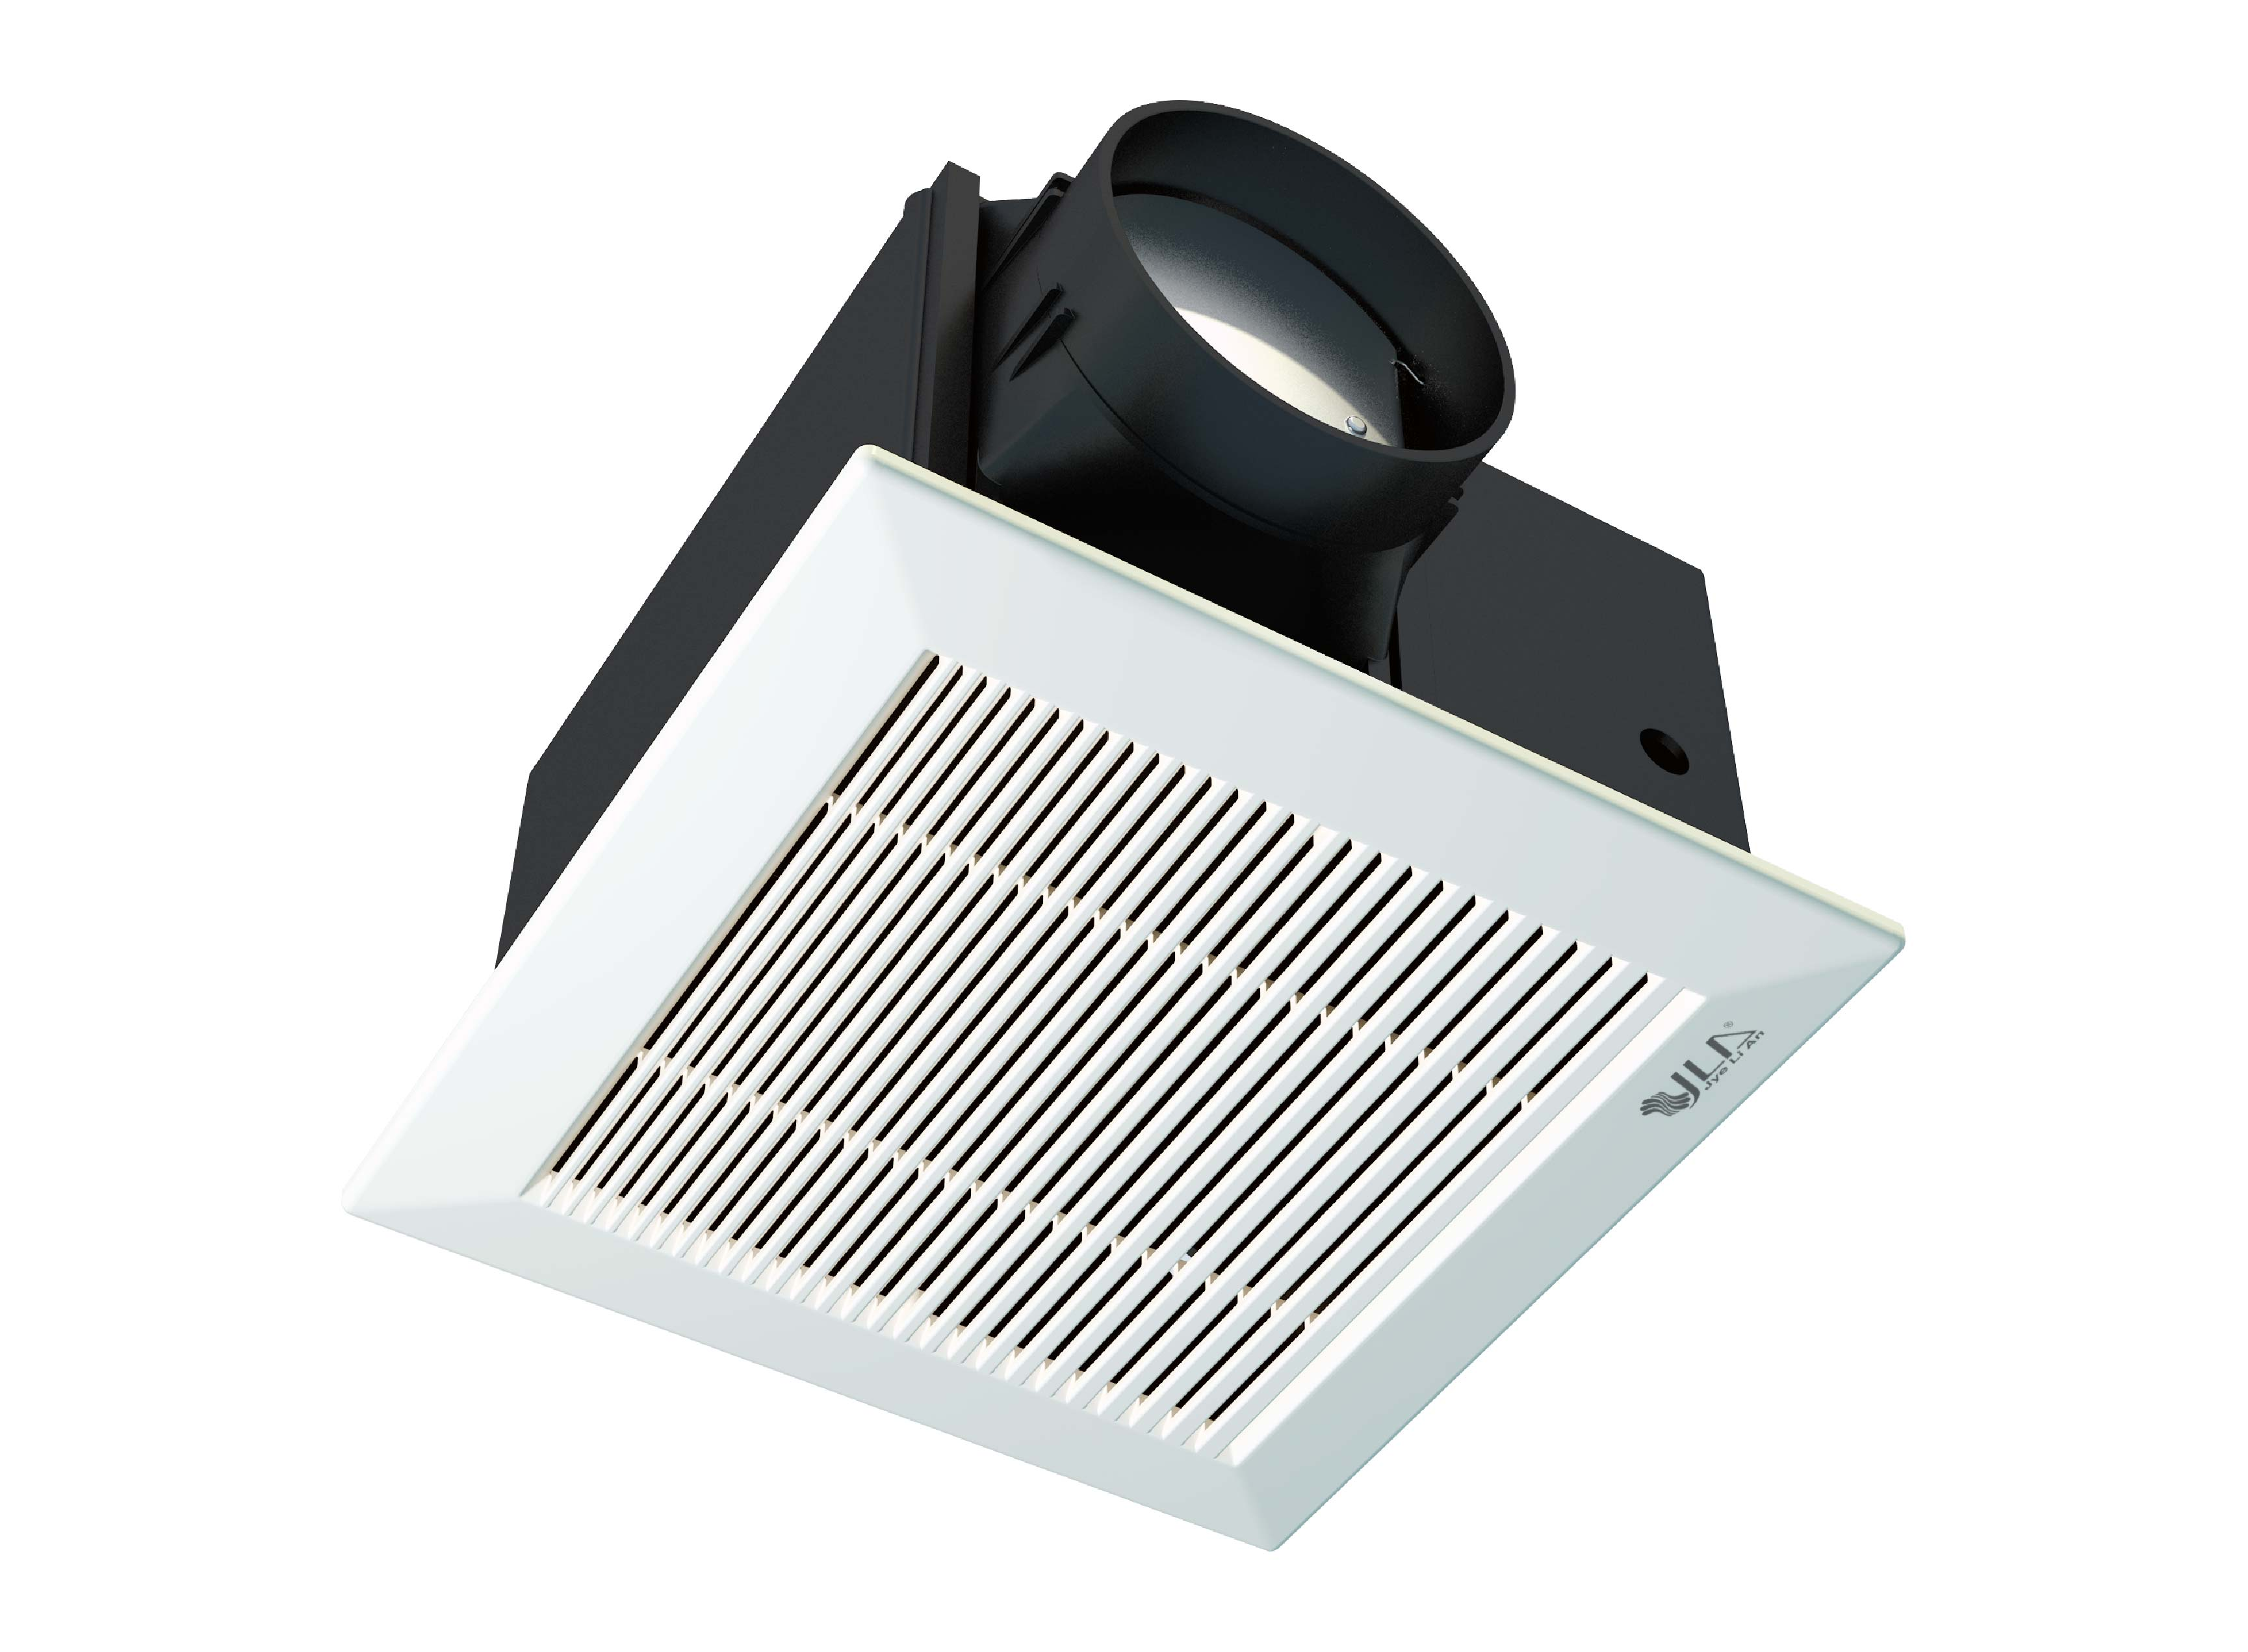 DC Soundless Ventilation Fan JV-600 | DC Power Supply ...